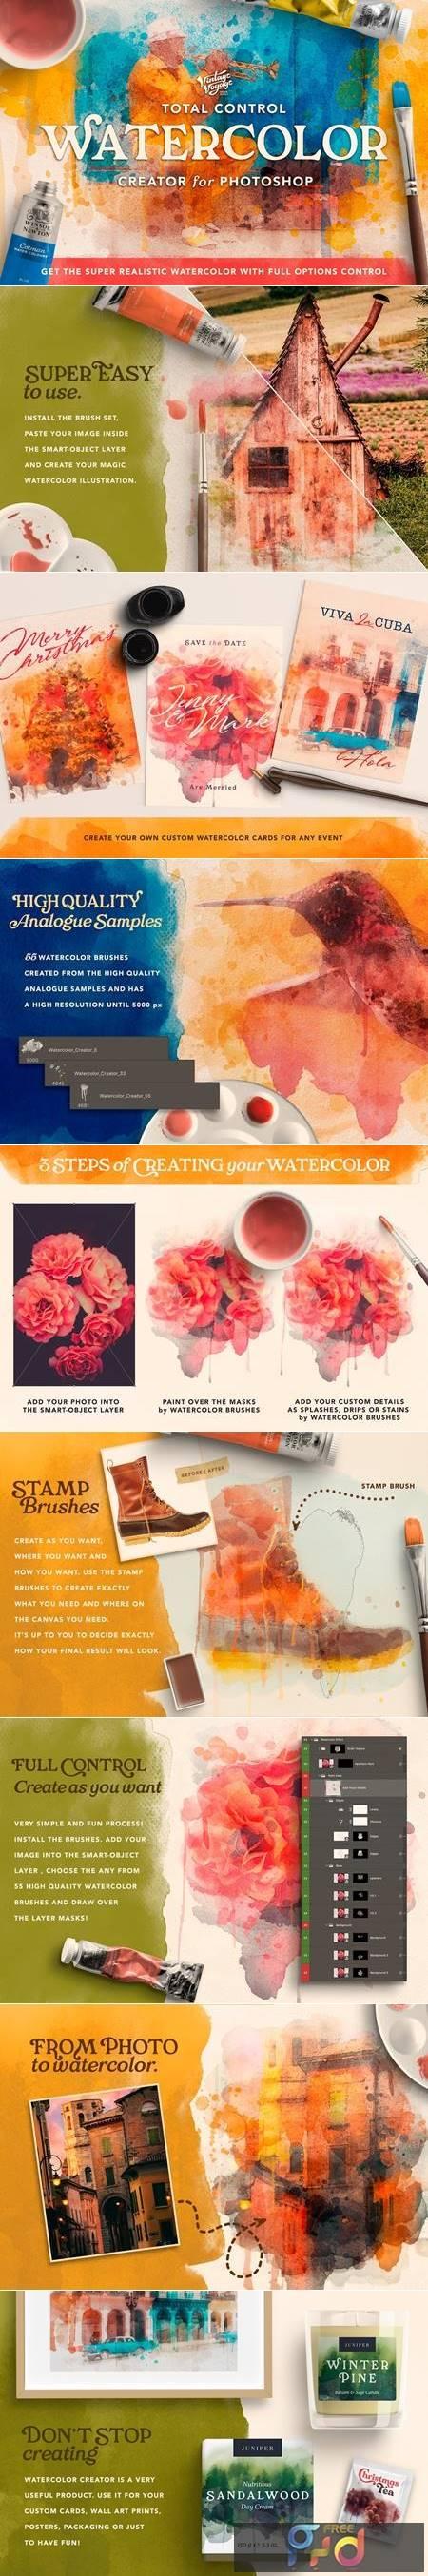 Total Watercolor Creator 5671238 1